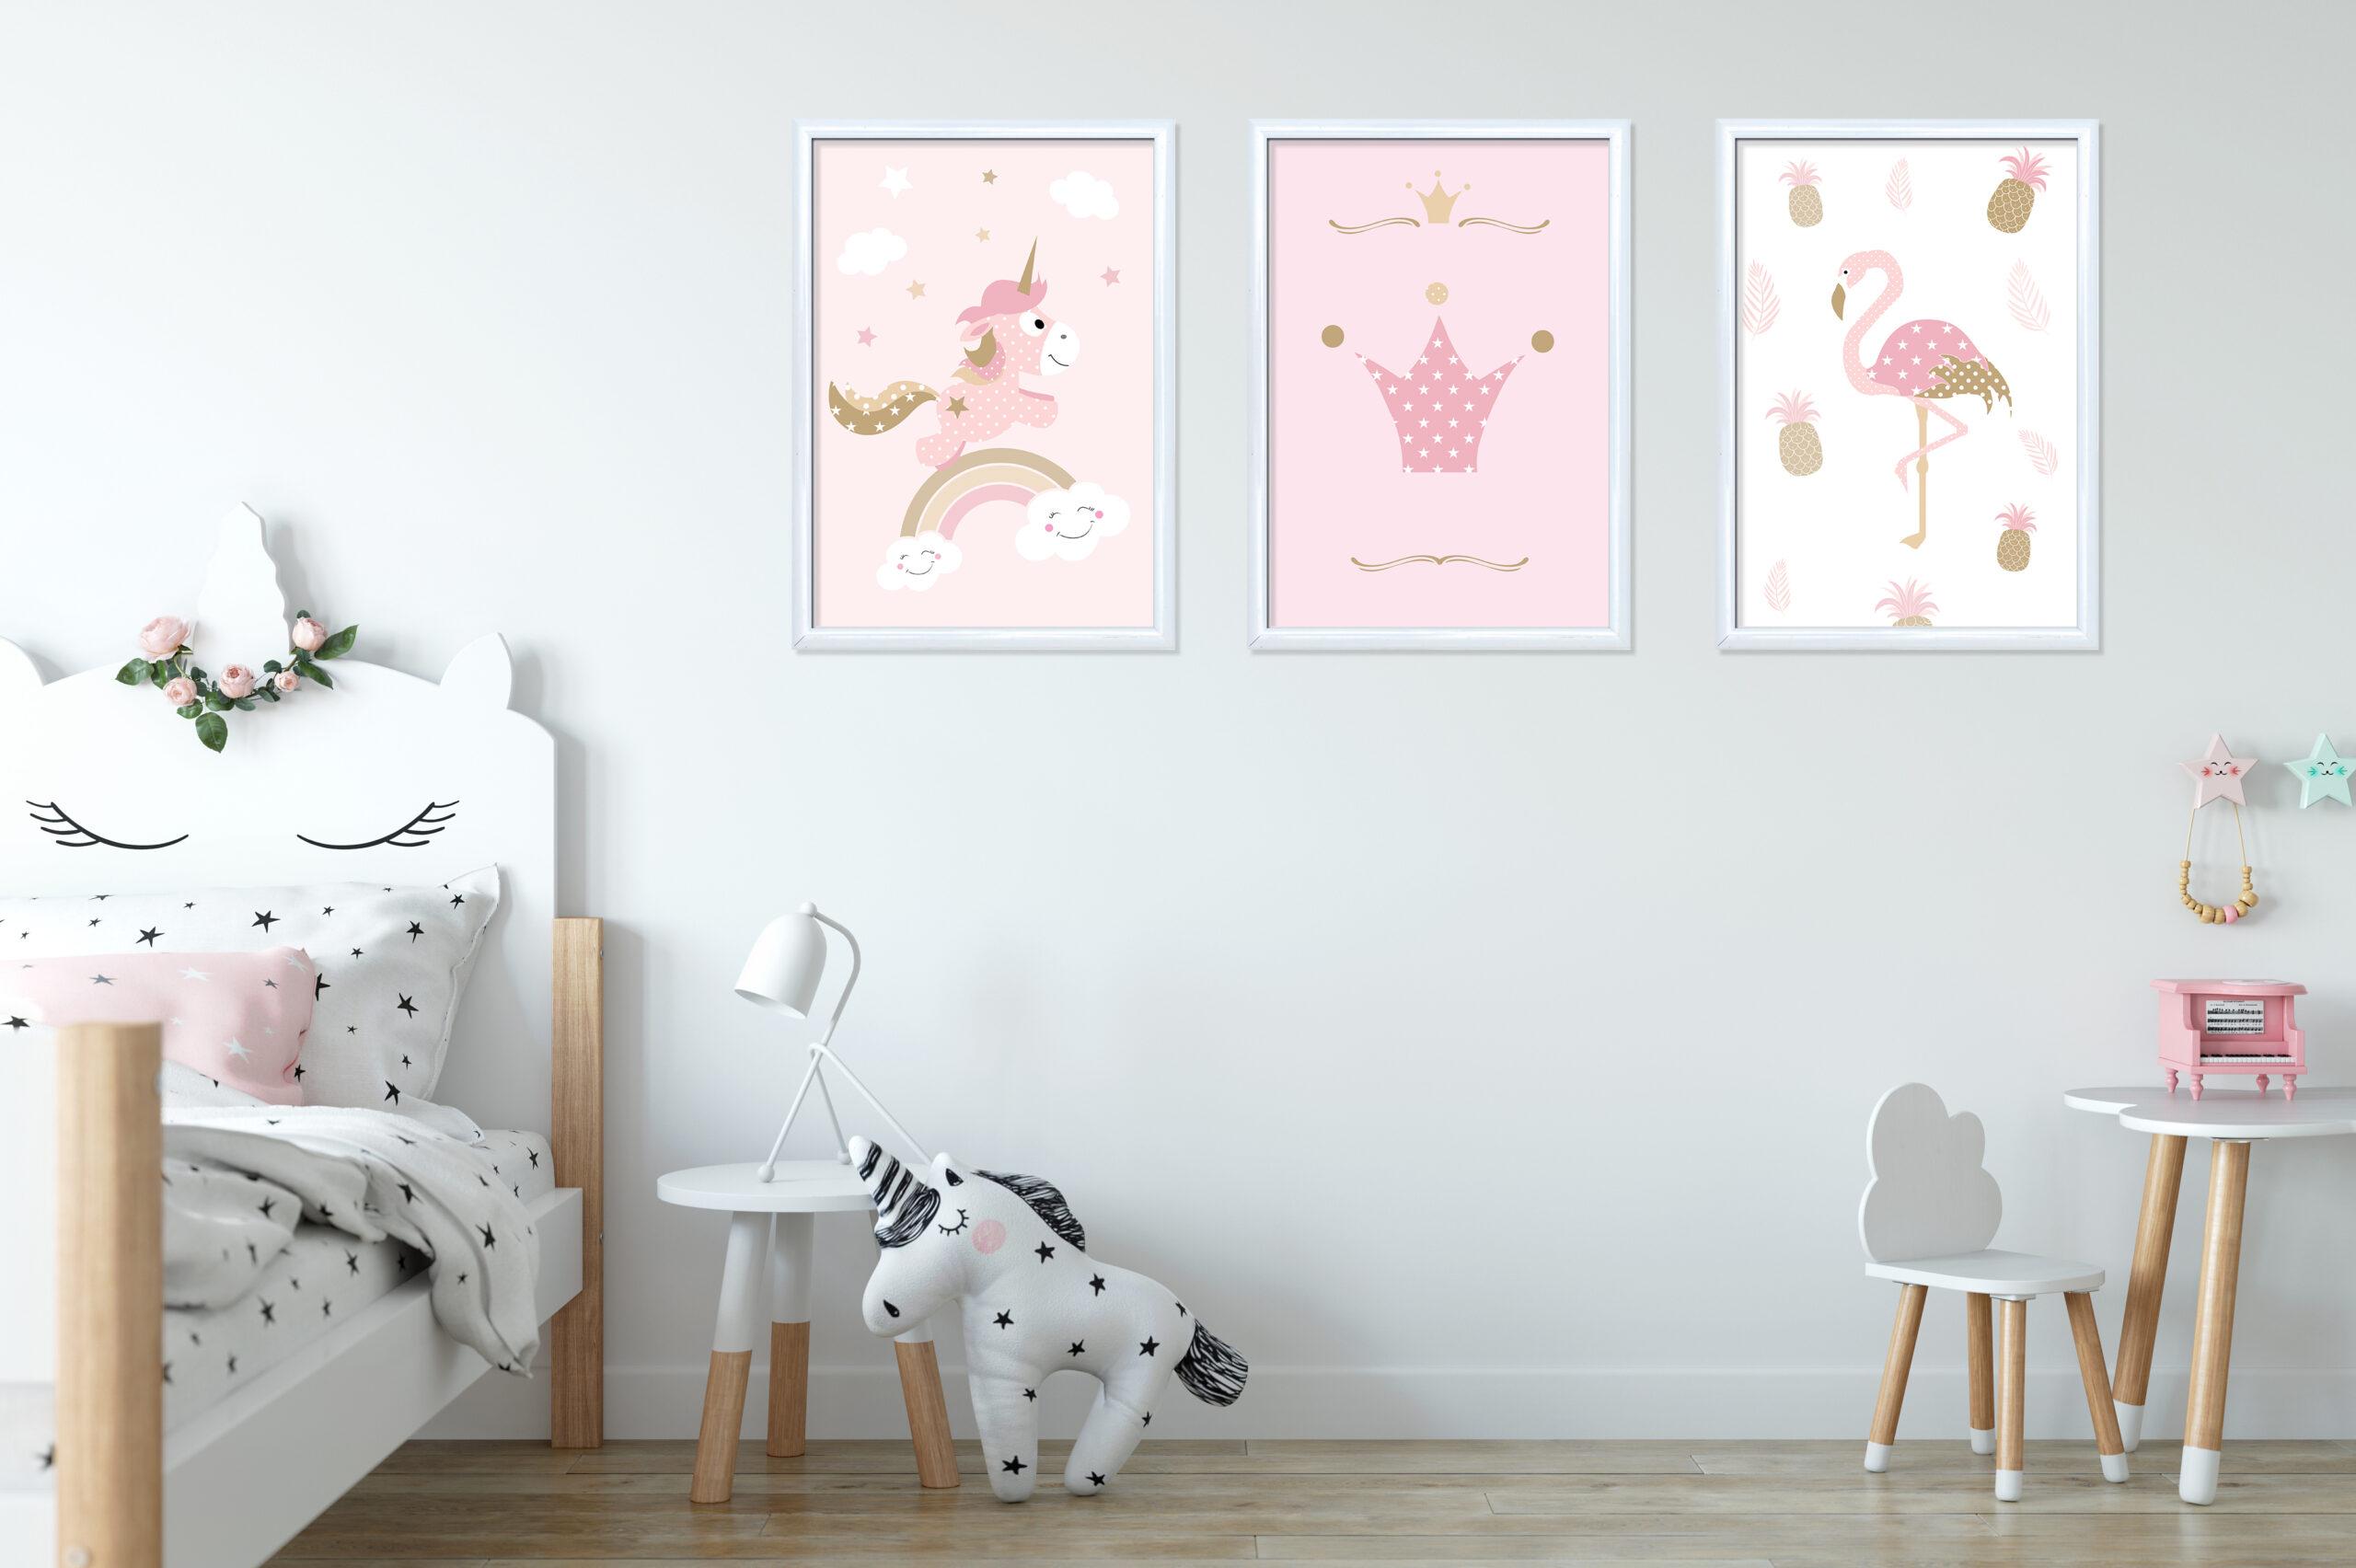 Full Size of Bilder Fr Kinderzimmer Zum Ausdrucken Einhorn Regal Wanddeko Küche Weiß Regale Sofa Kinderzimmer Kinderzimmer Wanddeko